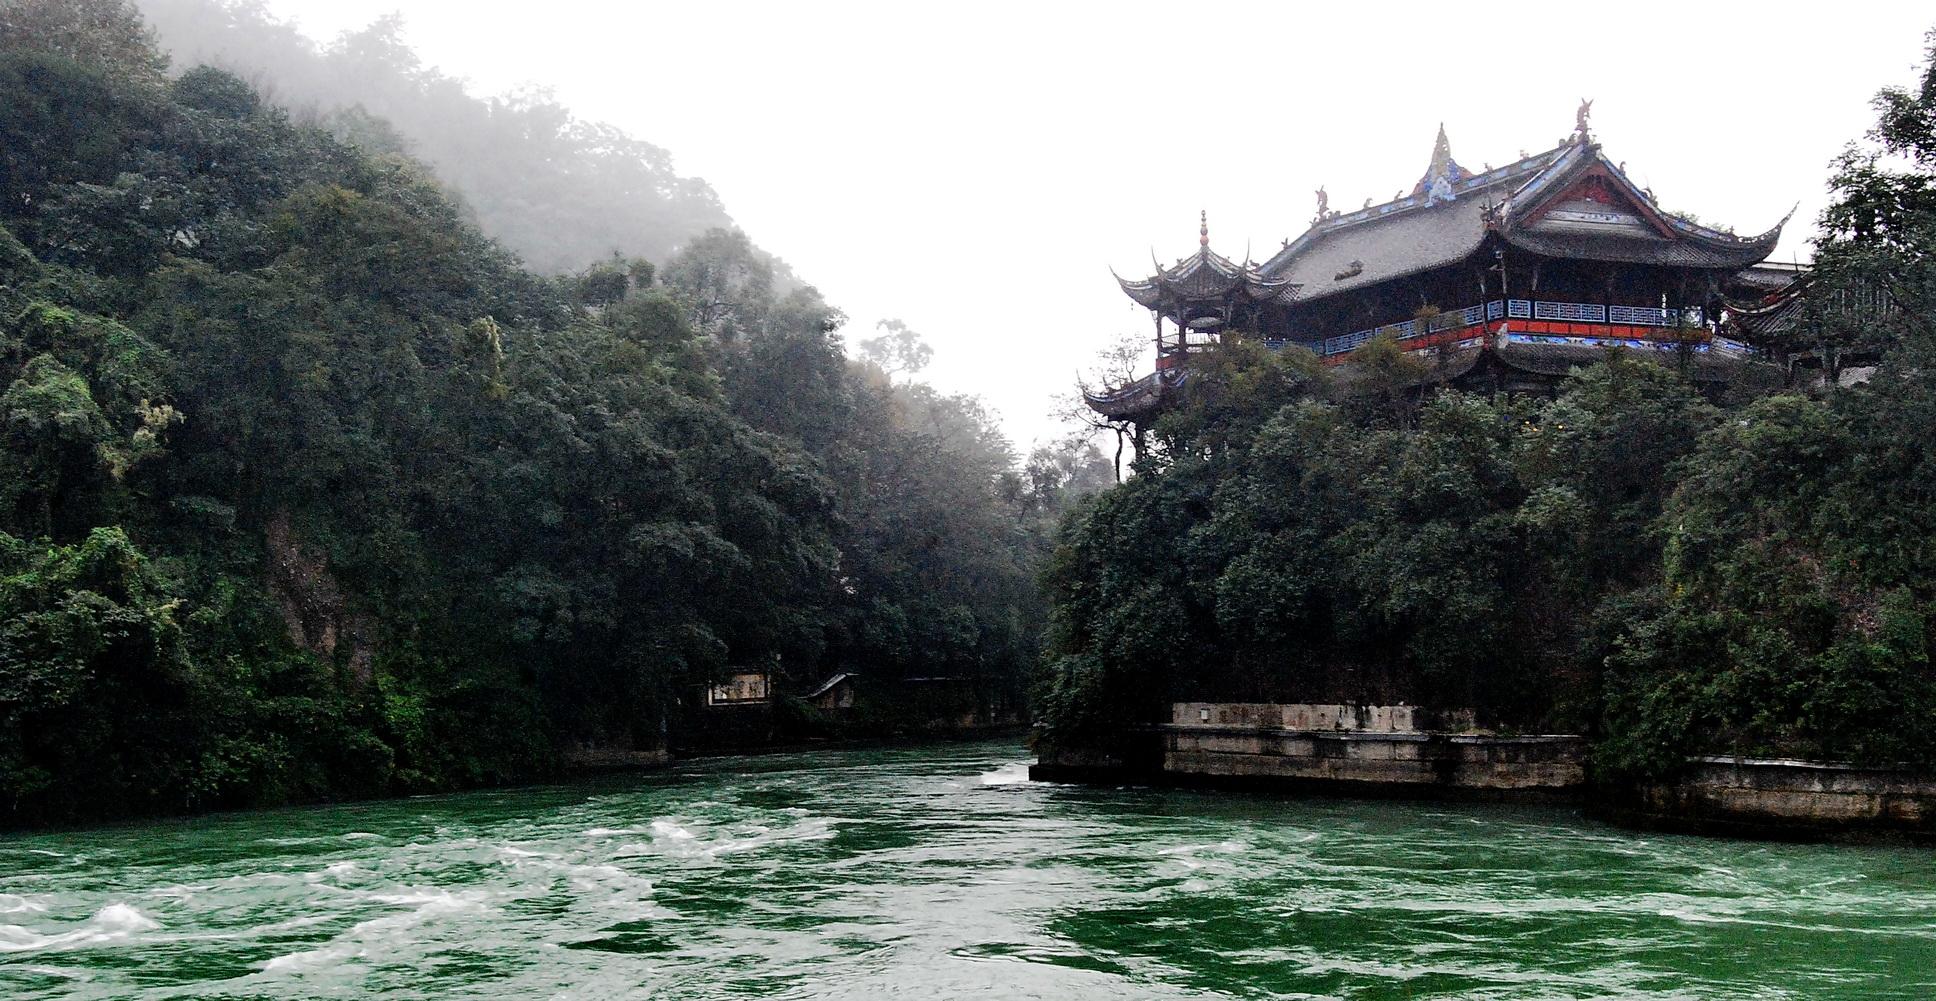 此次推介会由九寨沟风景名胜区管理局,青城山-都江堰旅游景区管理局和